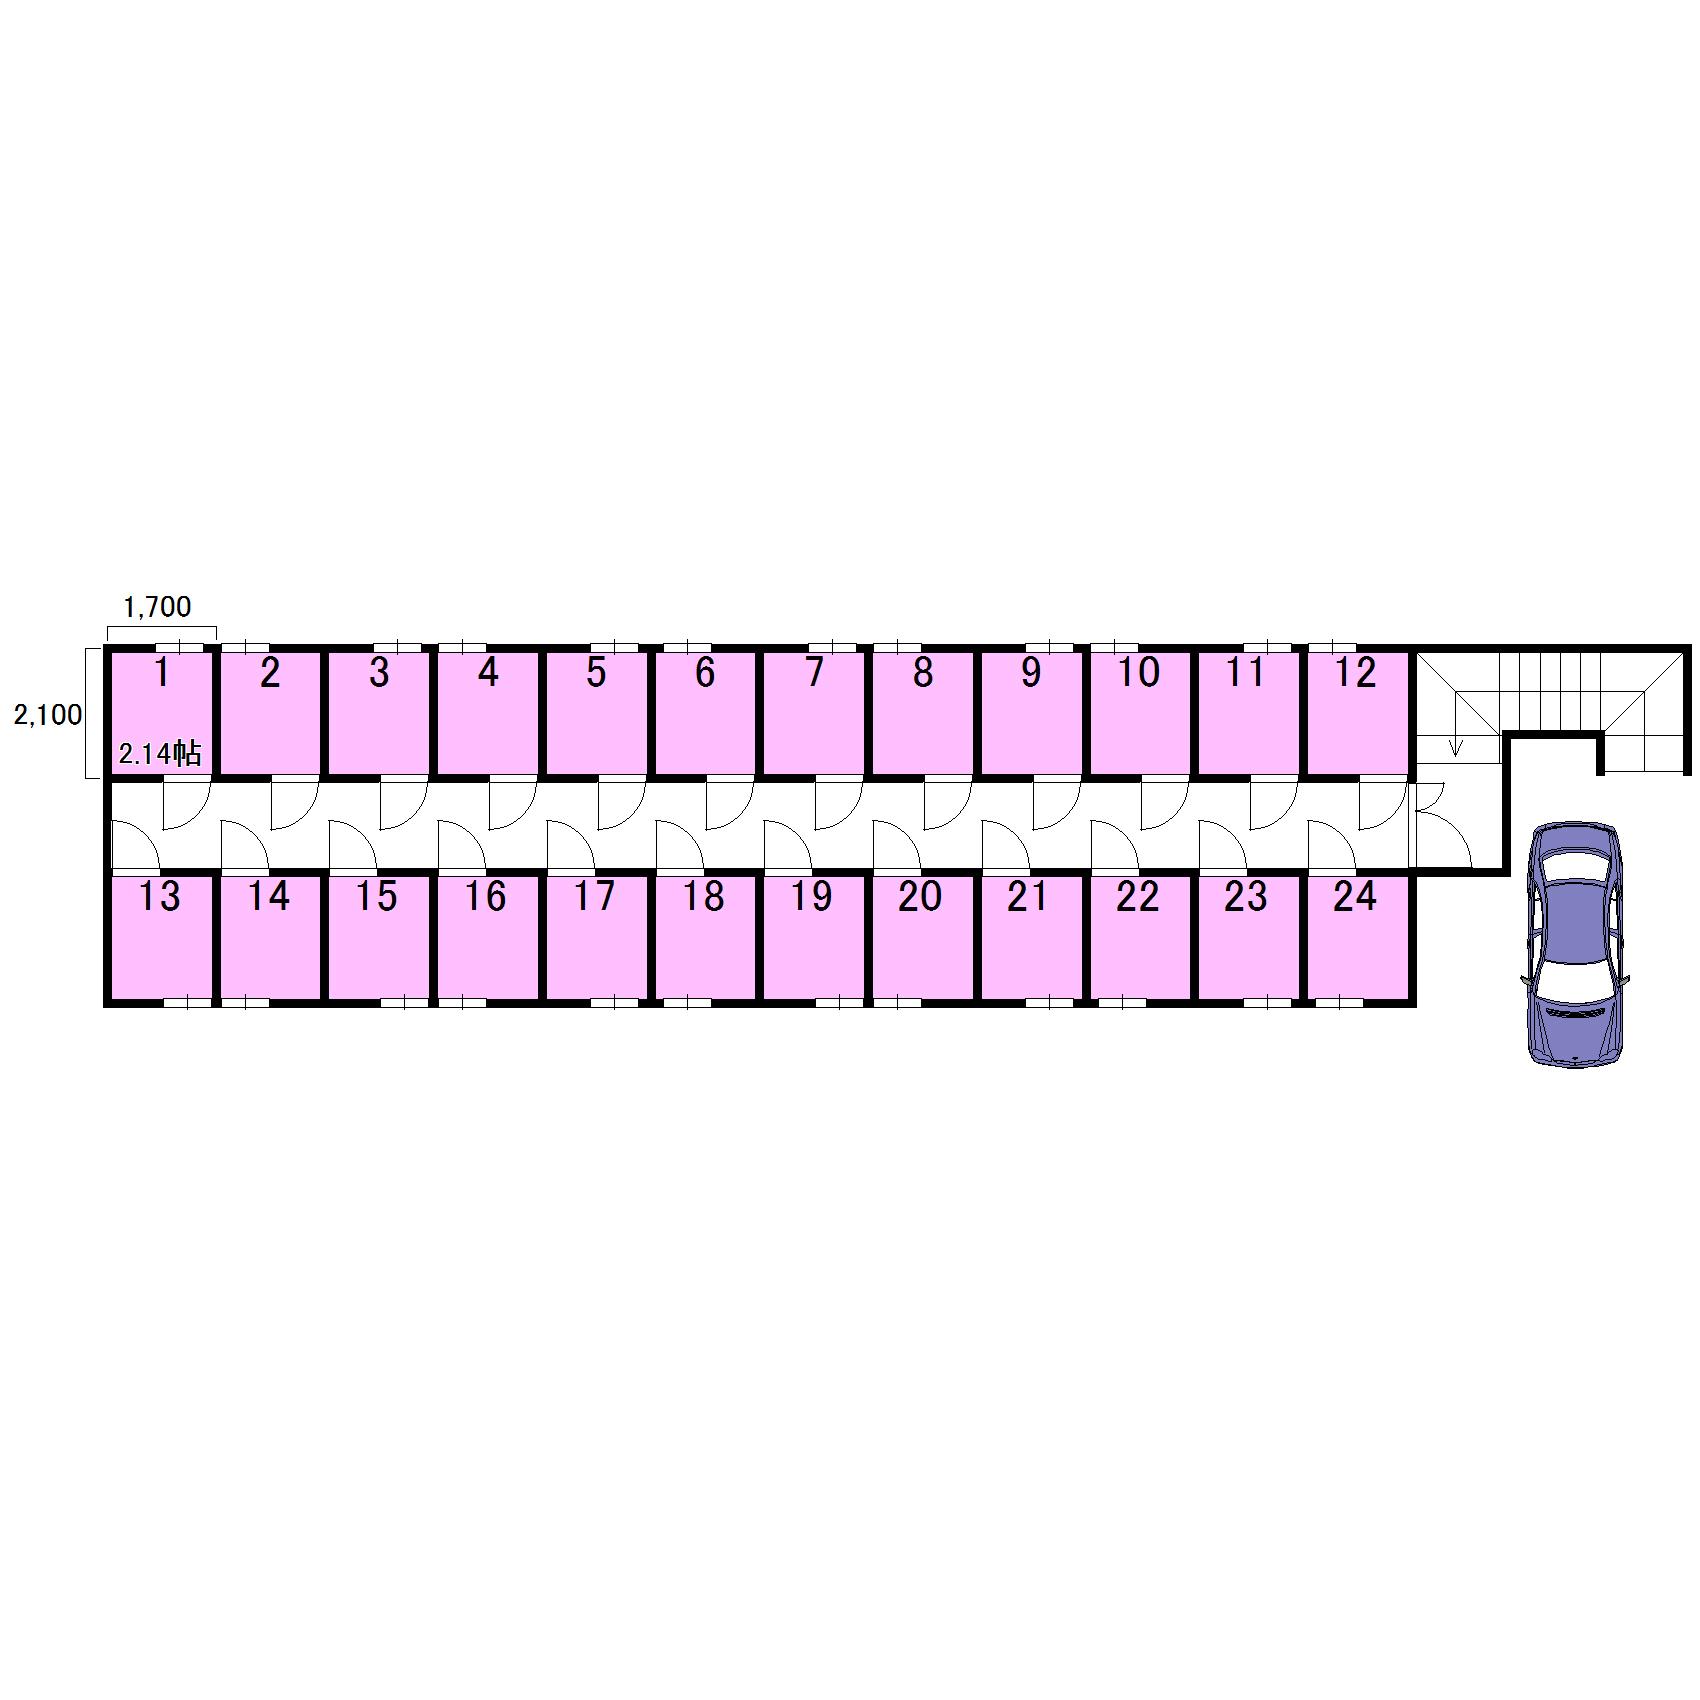 エヌピートランク桜堤Ⅱ(レイアウト図)